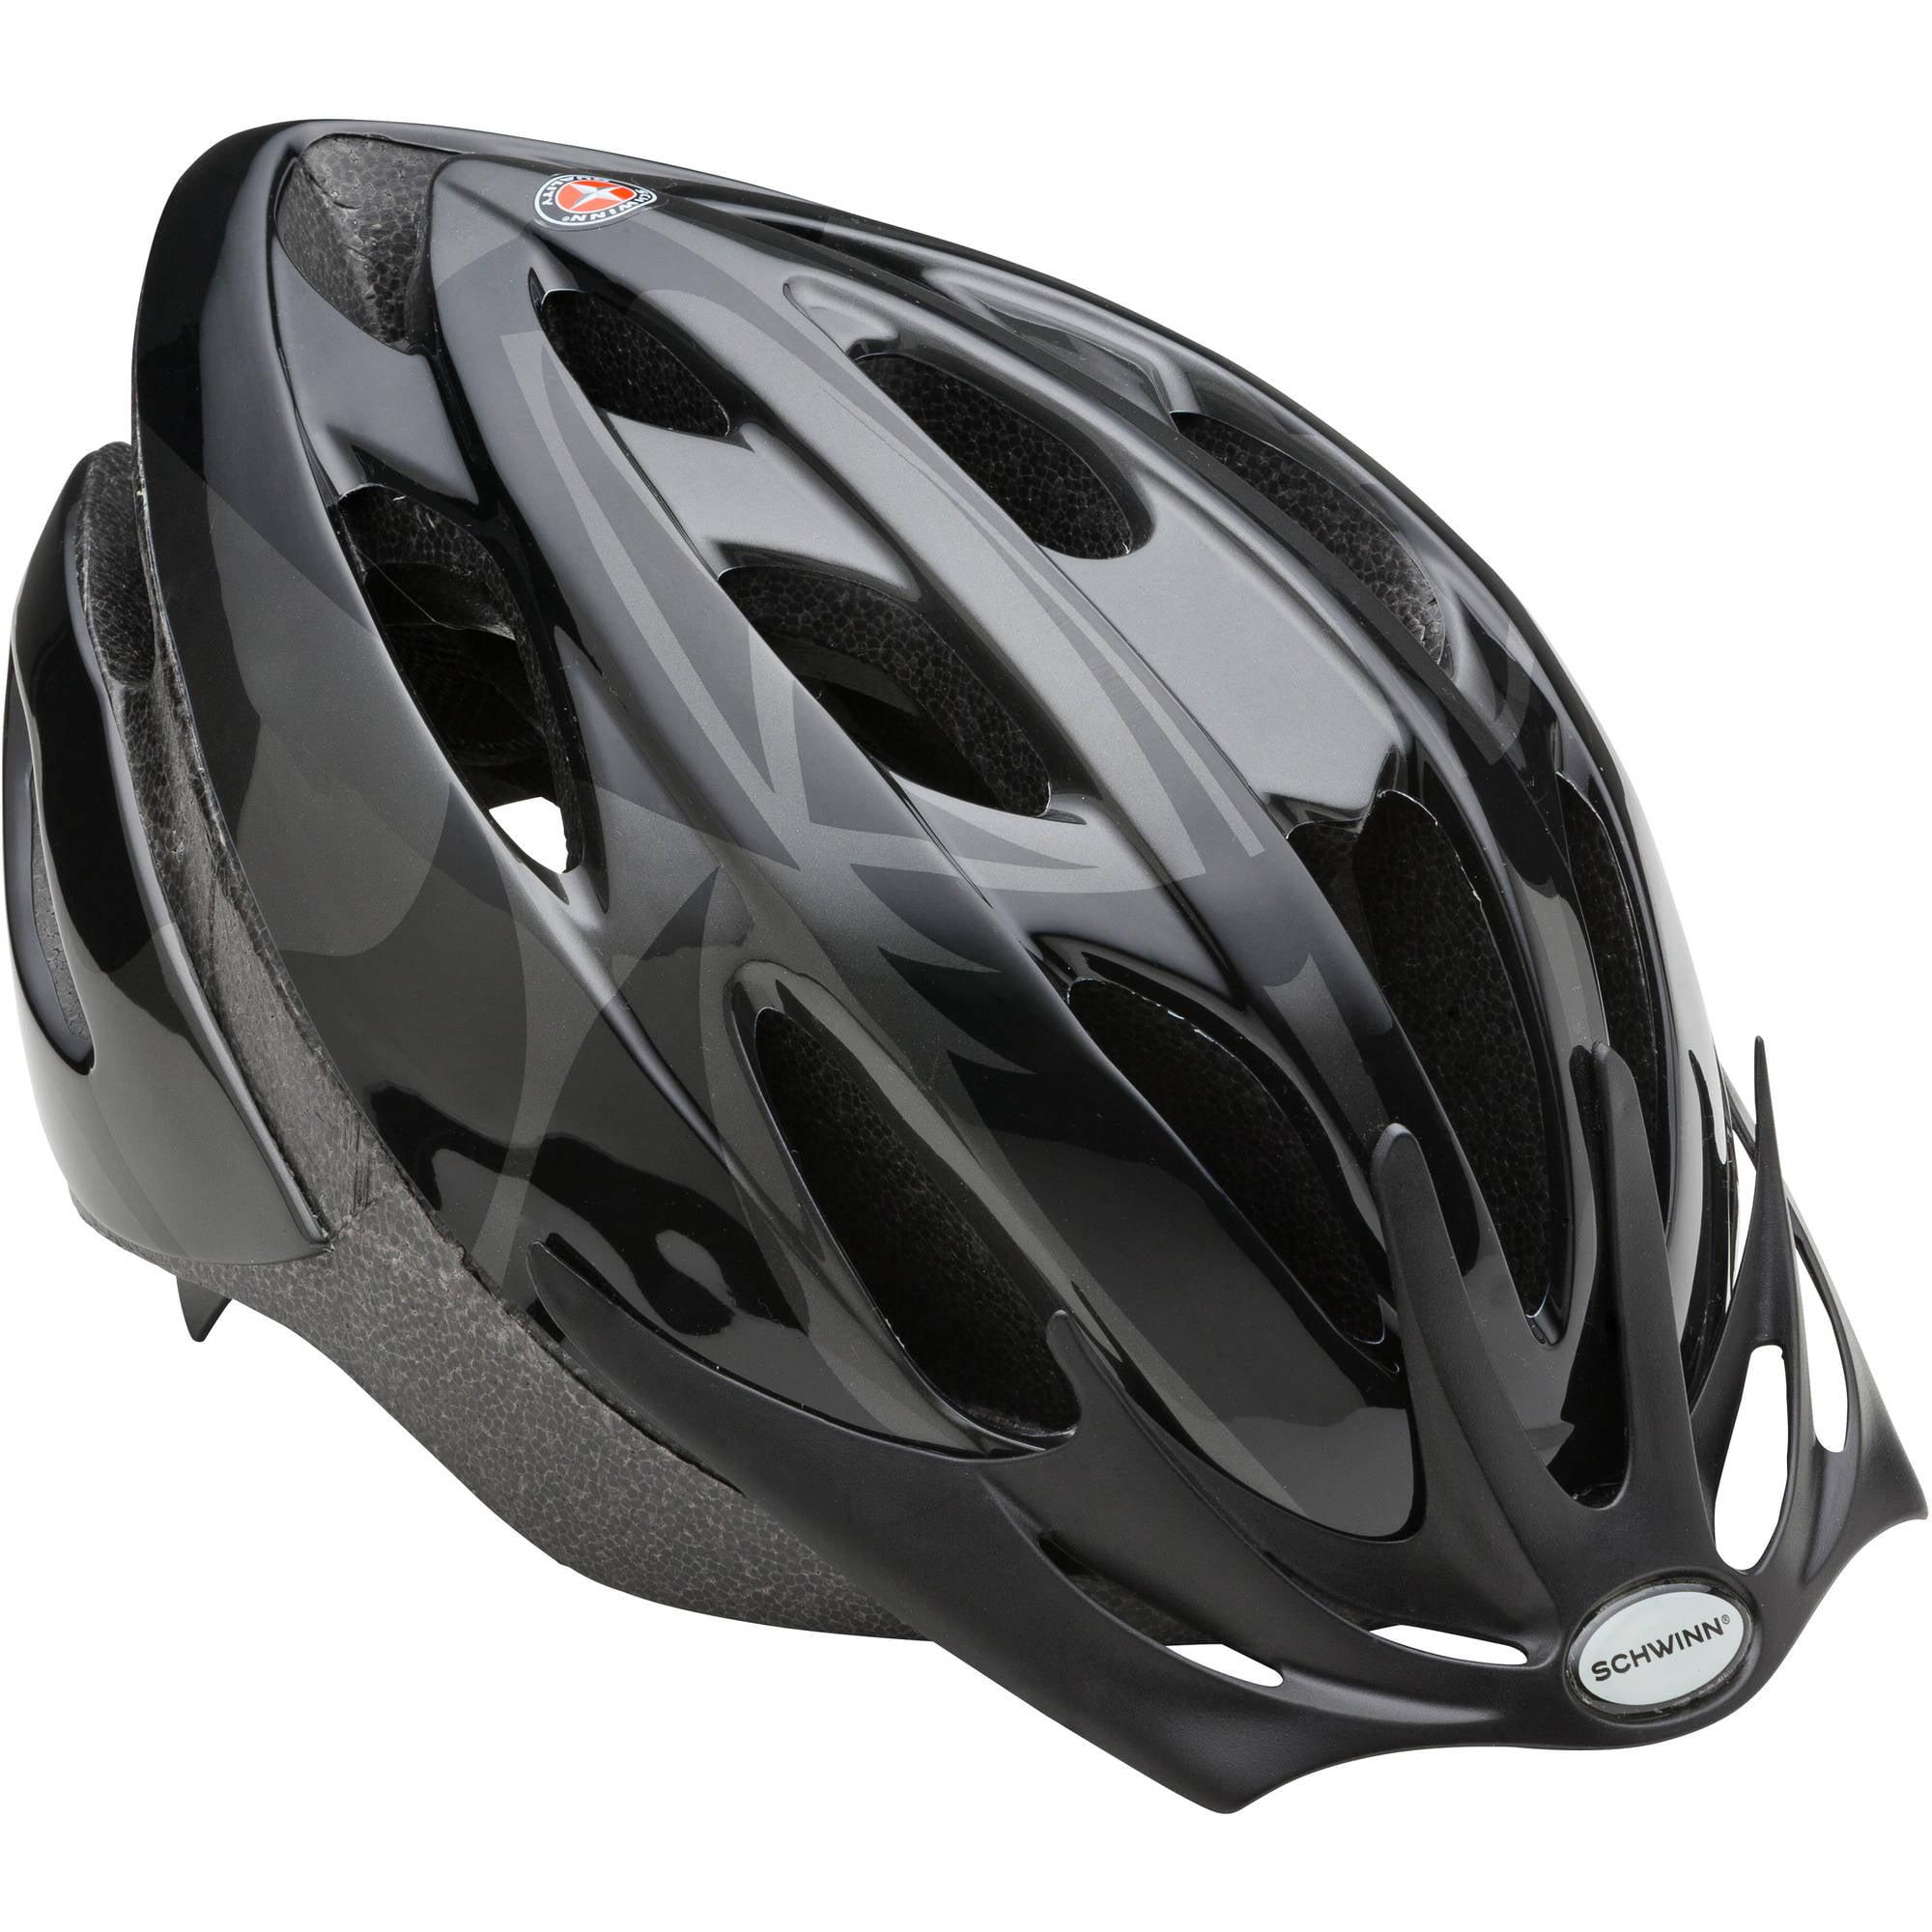 Schwinn Black Lighted Thrasher Helmet, Adult